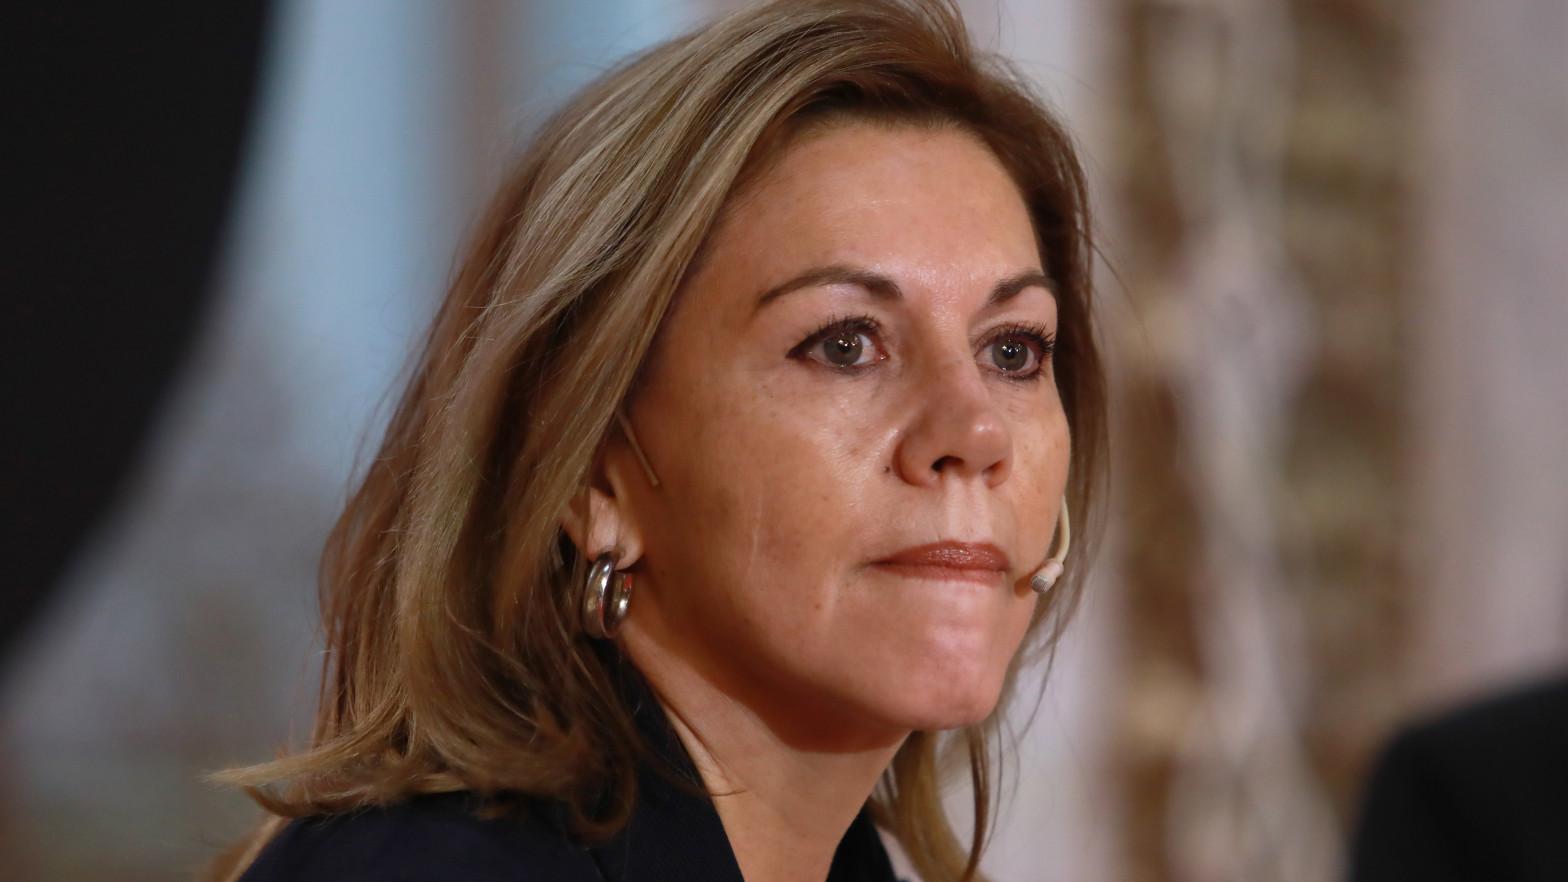 Cospedal deja su puesto en el bufete CMS Albiñana & Suárez de Lezo